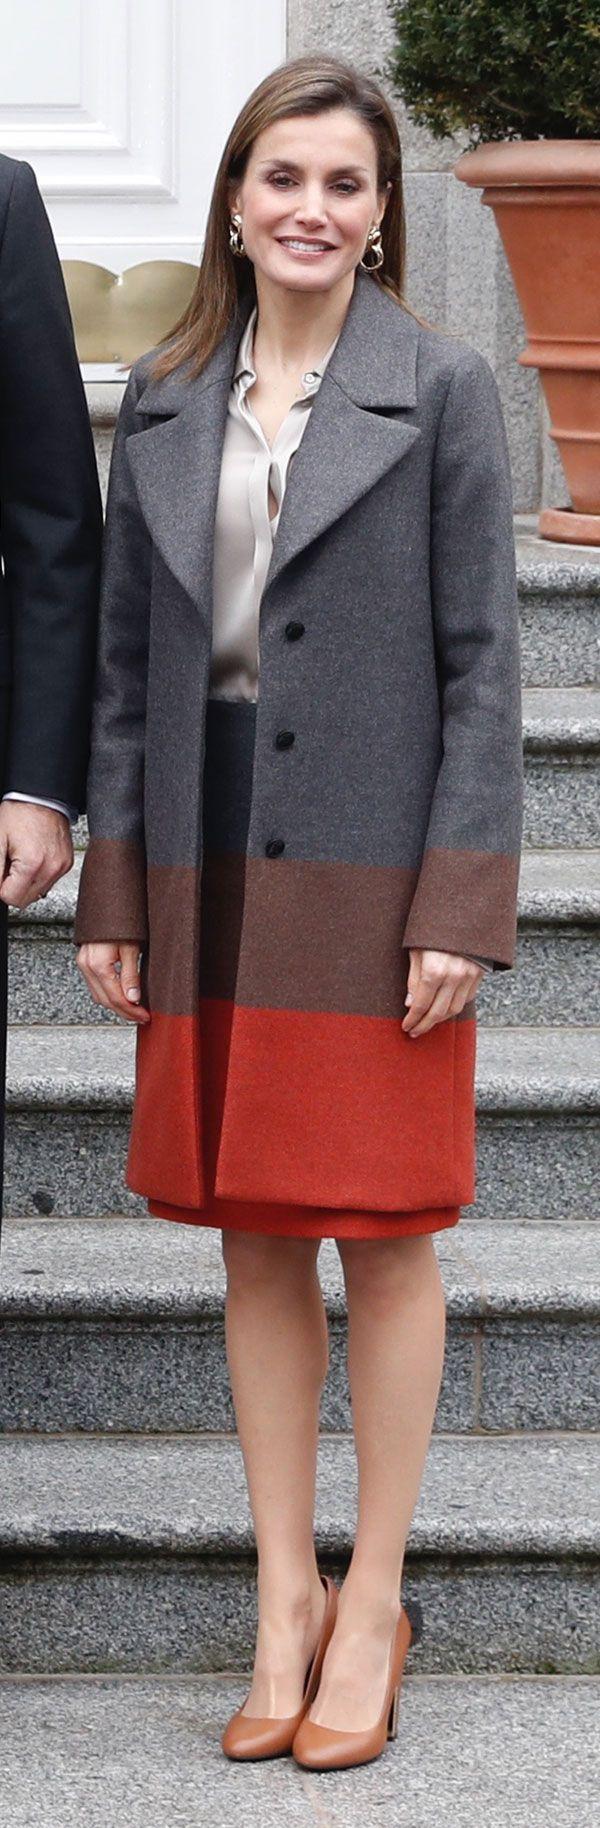 Don Felipe & Doña Letizia han recibido al presidente de Alemania, Joachim Gauck, y su esposa, Daniela Schadt, invitados a palacio para almorzar. 1 febrero 2017